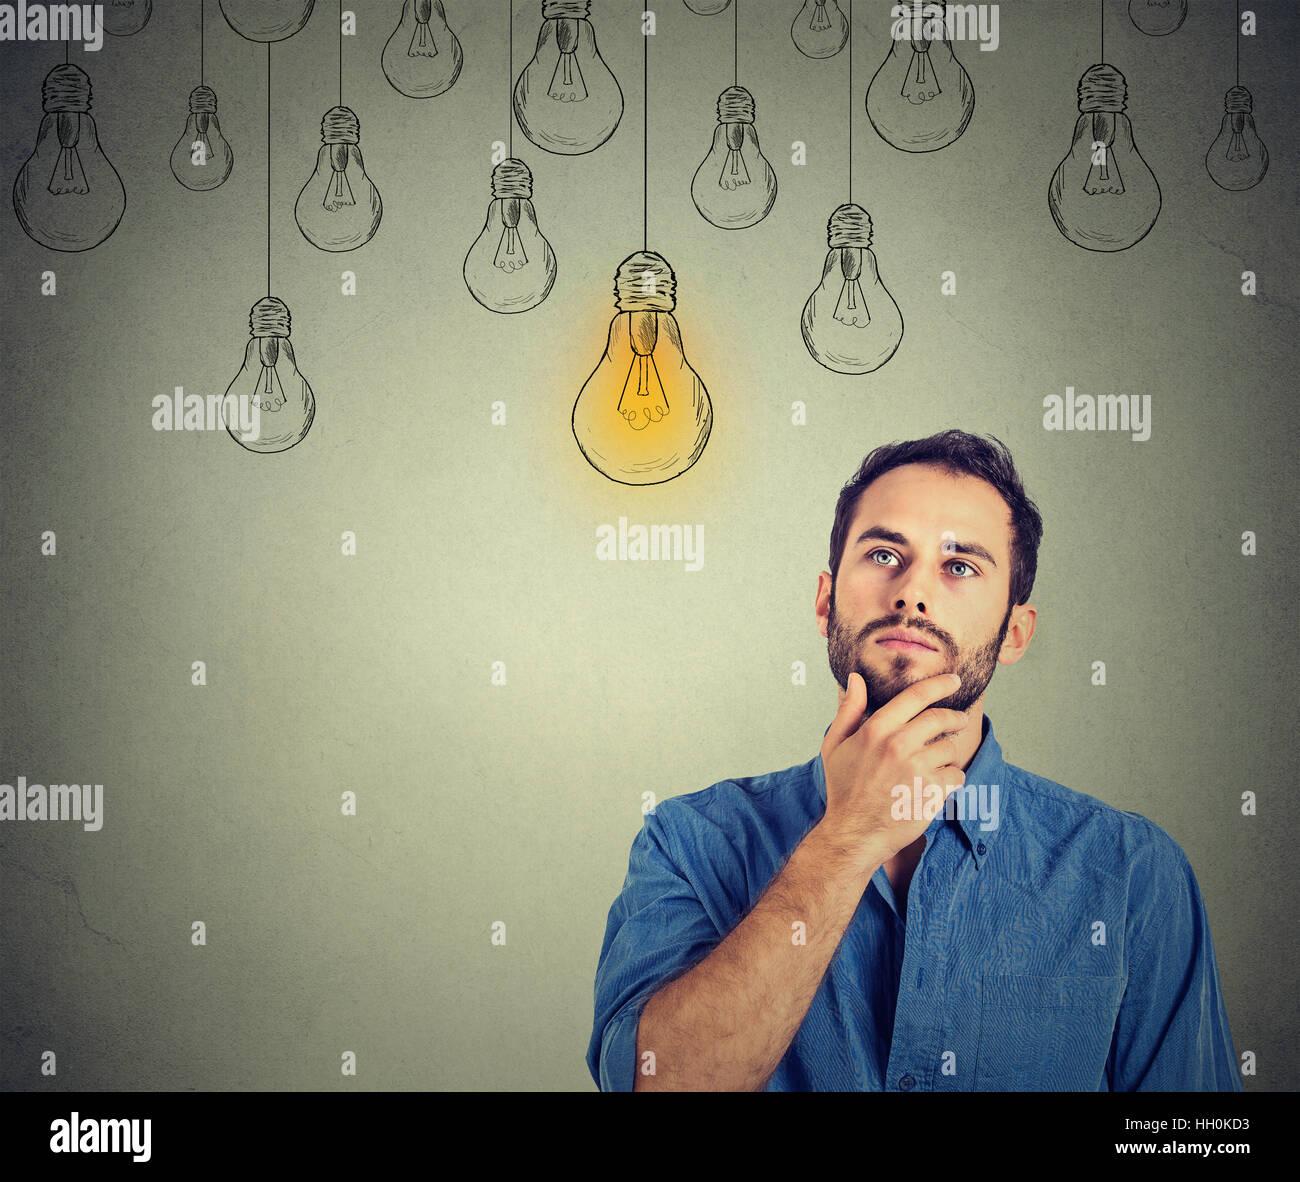 Ritratto di pensare uomo bello guardare fino a idea lampadina sopra la testa isolata sul muro grigio sfondo Immagini Stock